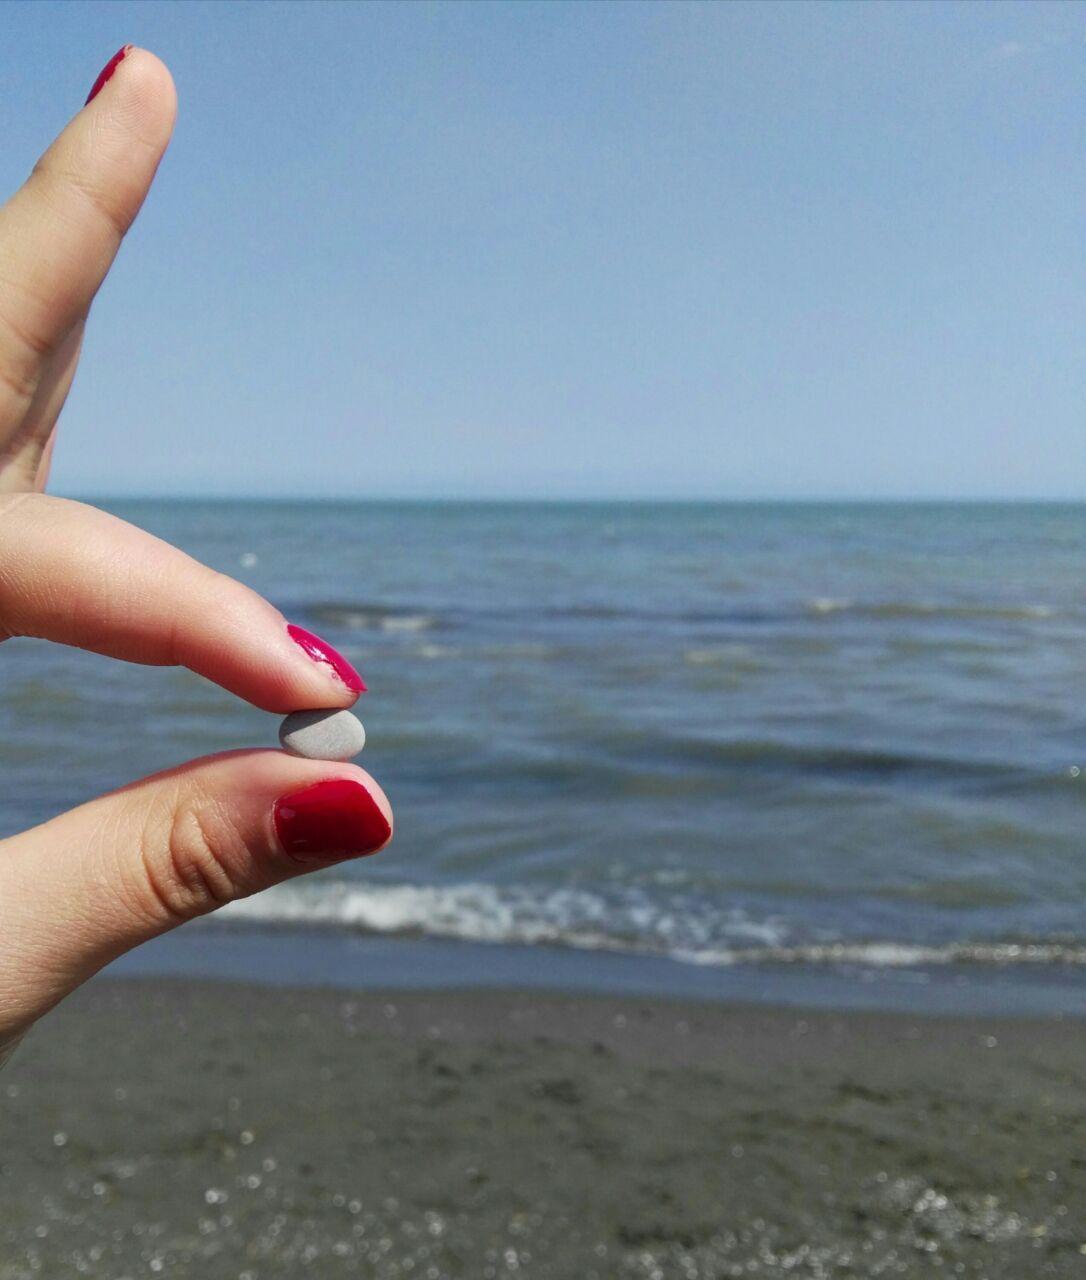 یکی از عکسایی که عاشقشم و از ساحل گیسوم انداختم آسنات76